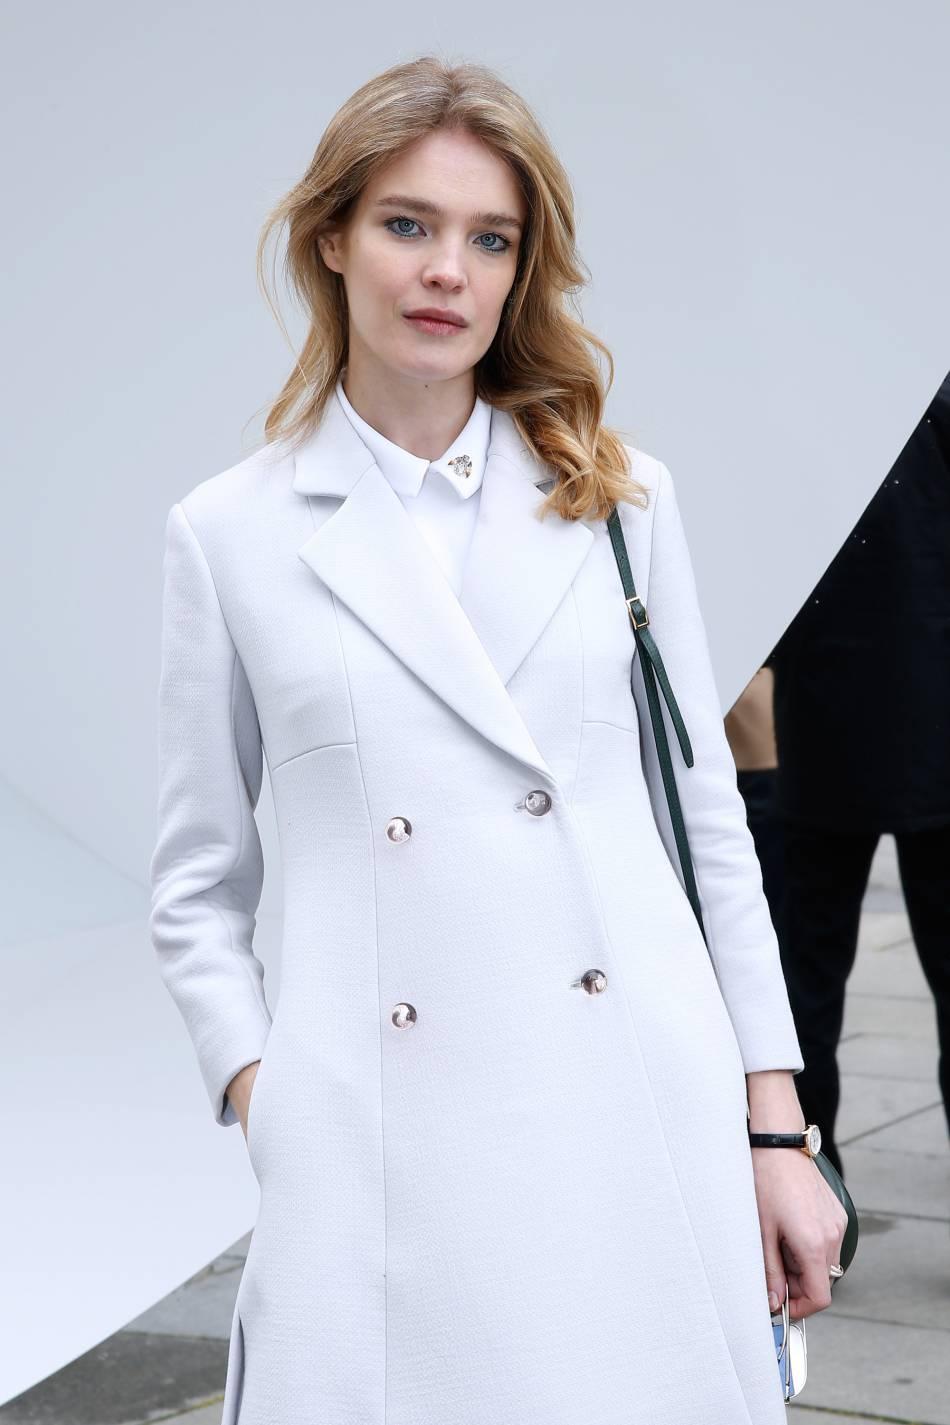 Natalia Vodianova fait également partie de celles qui entretiennent leurs sourcils épais comme des bijoux différenciants.